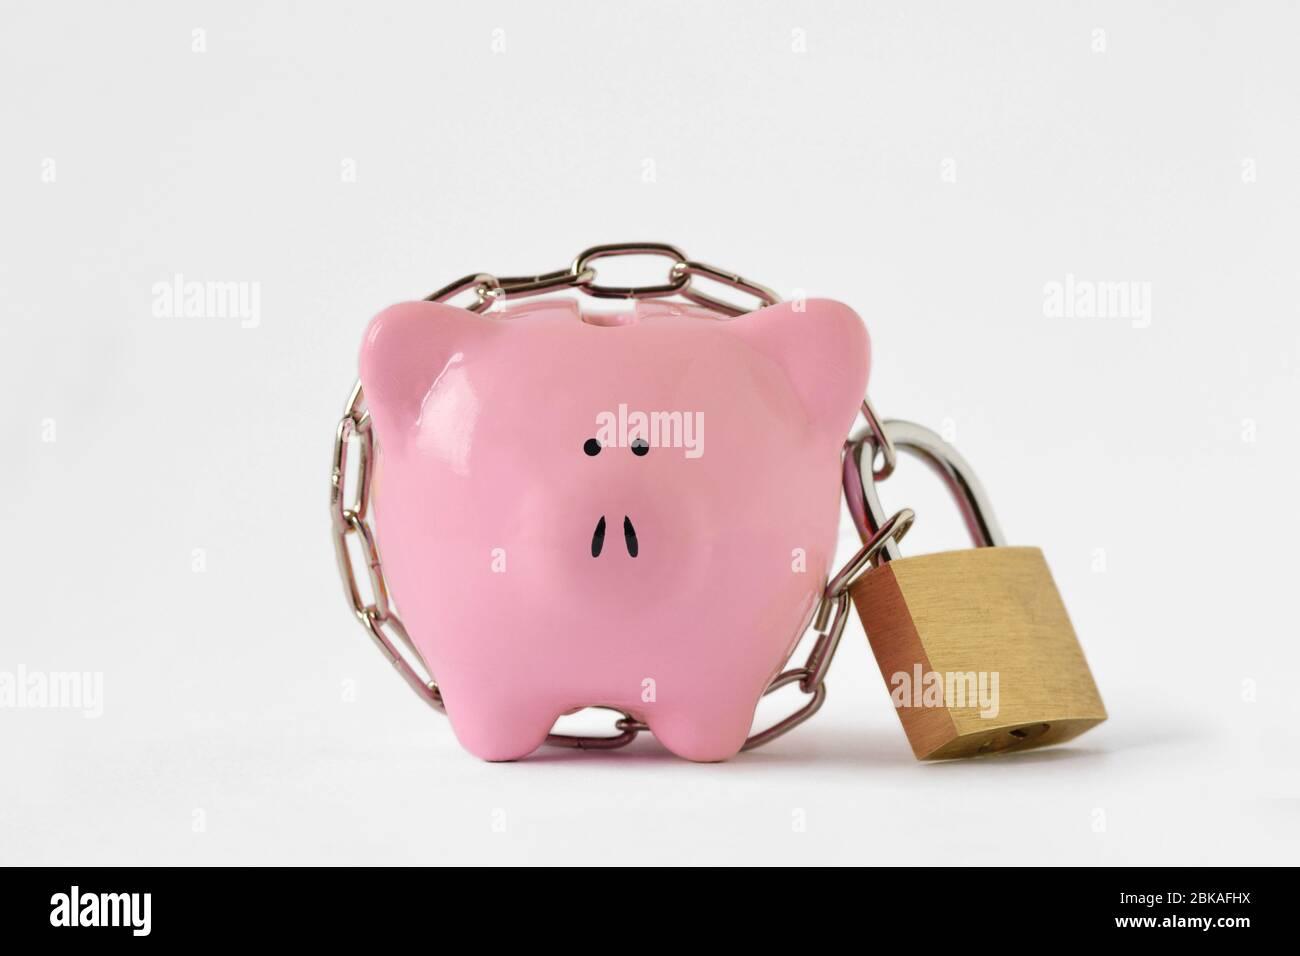 Banco piggy cerrado con cadena y candado sobre fondo blanco - concepto de ahorro y protección financiera Foto de stock